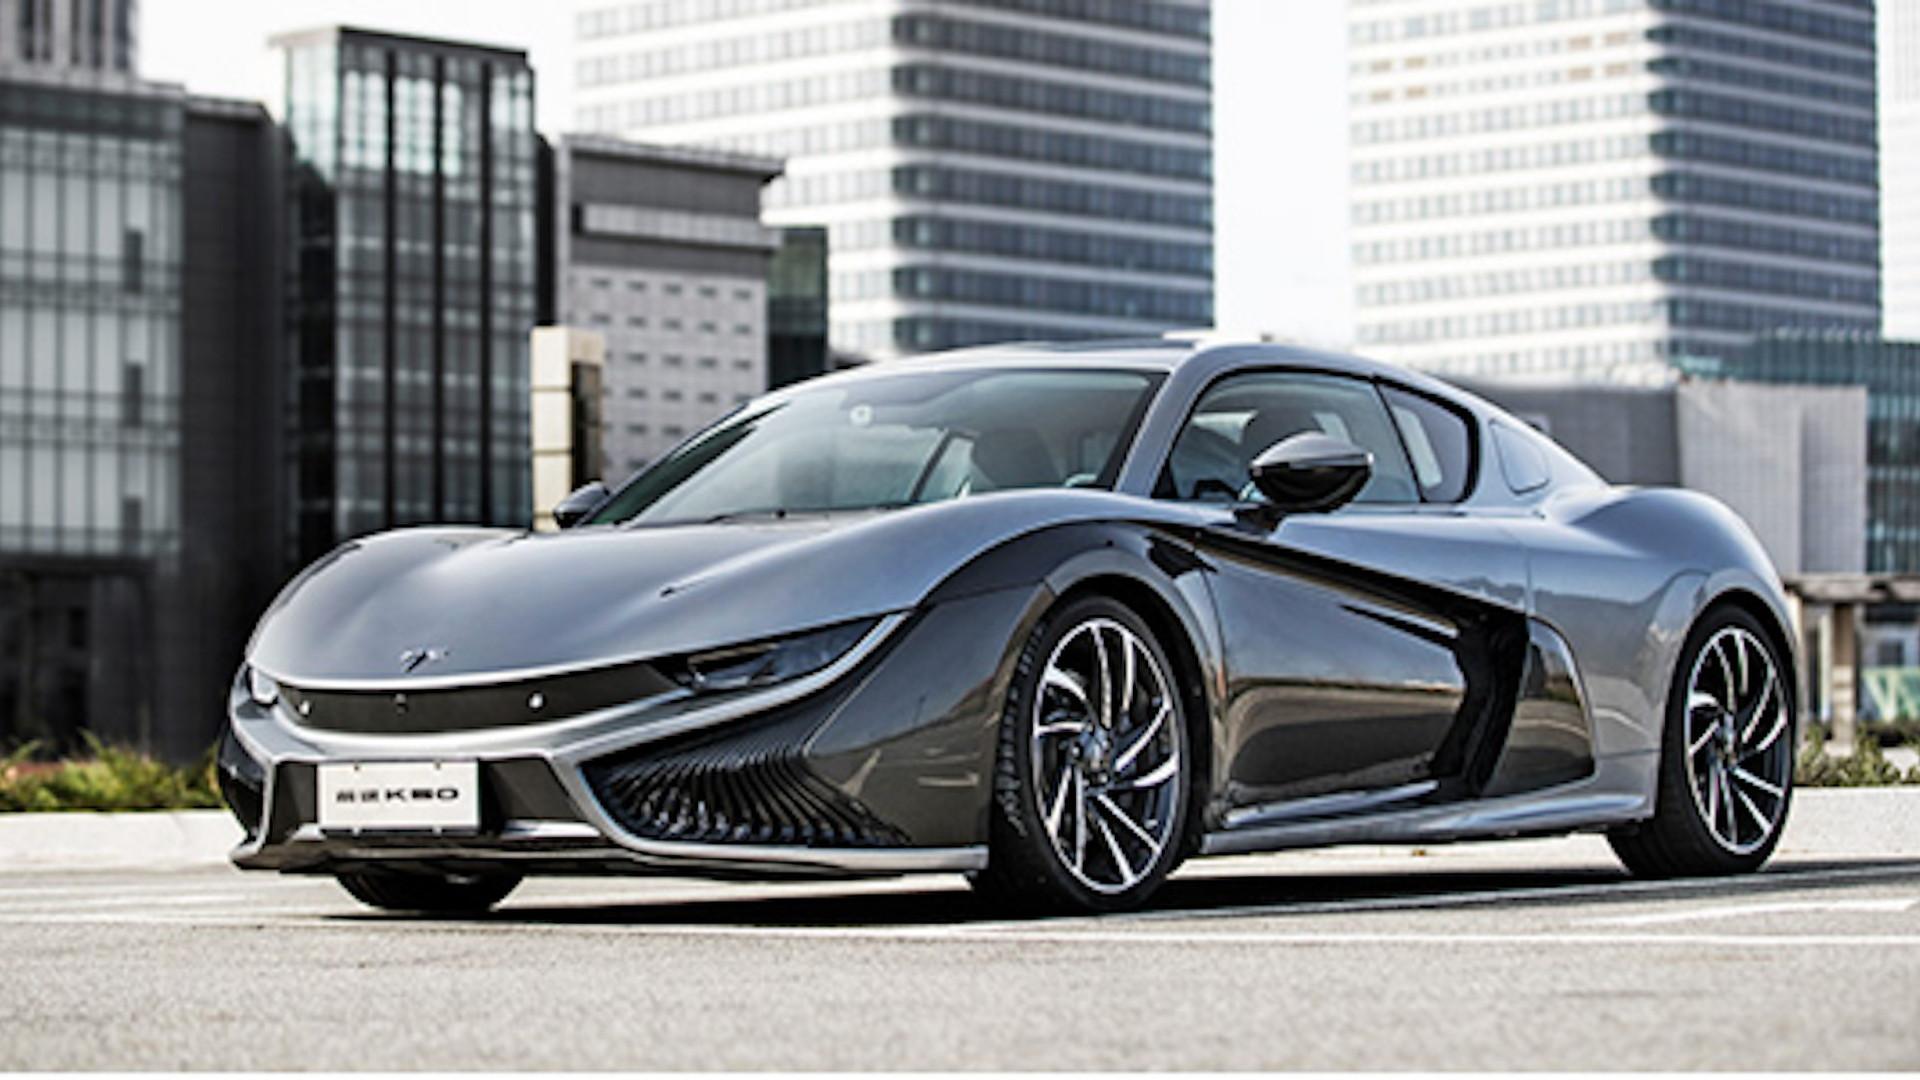 Qiantu K50 electric sports car